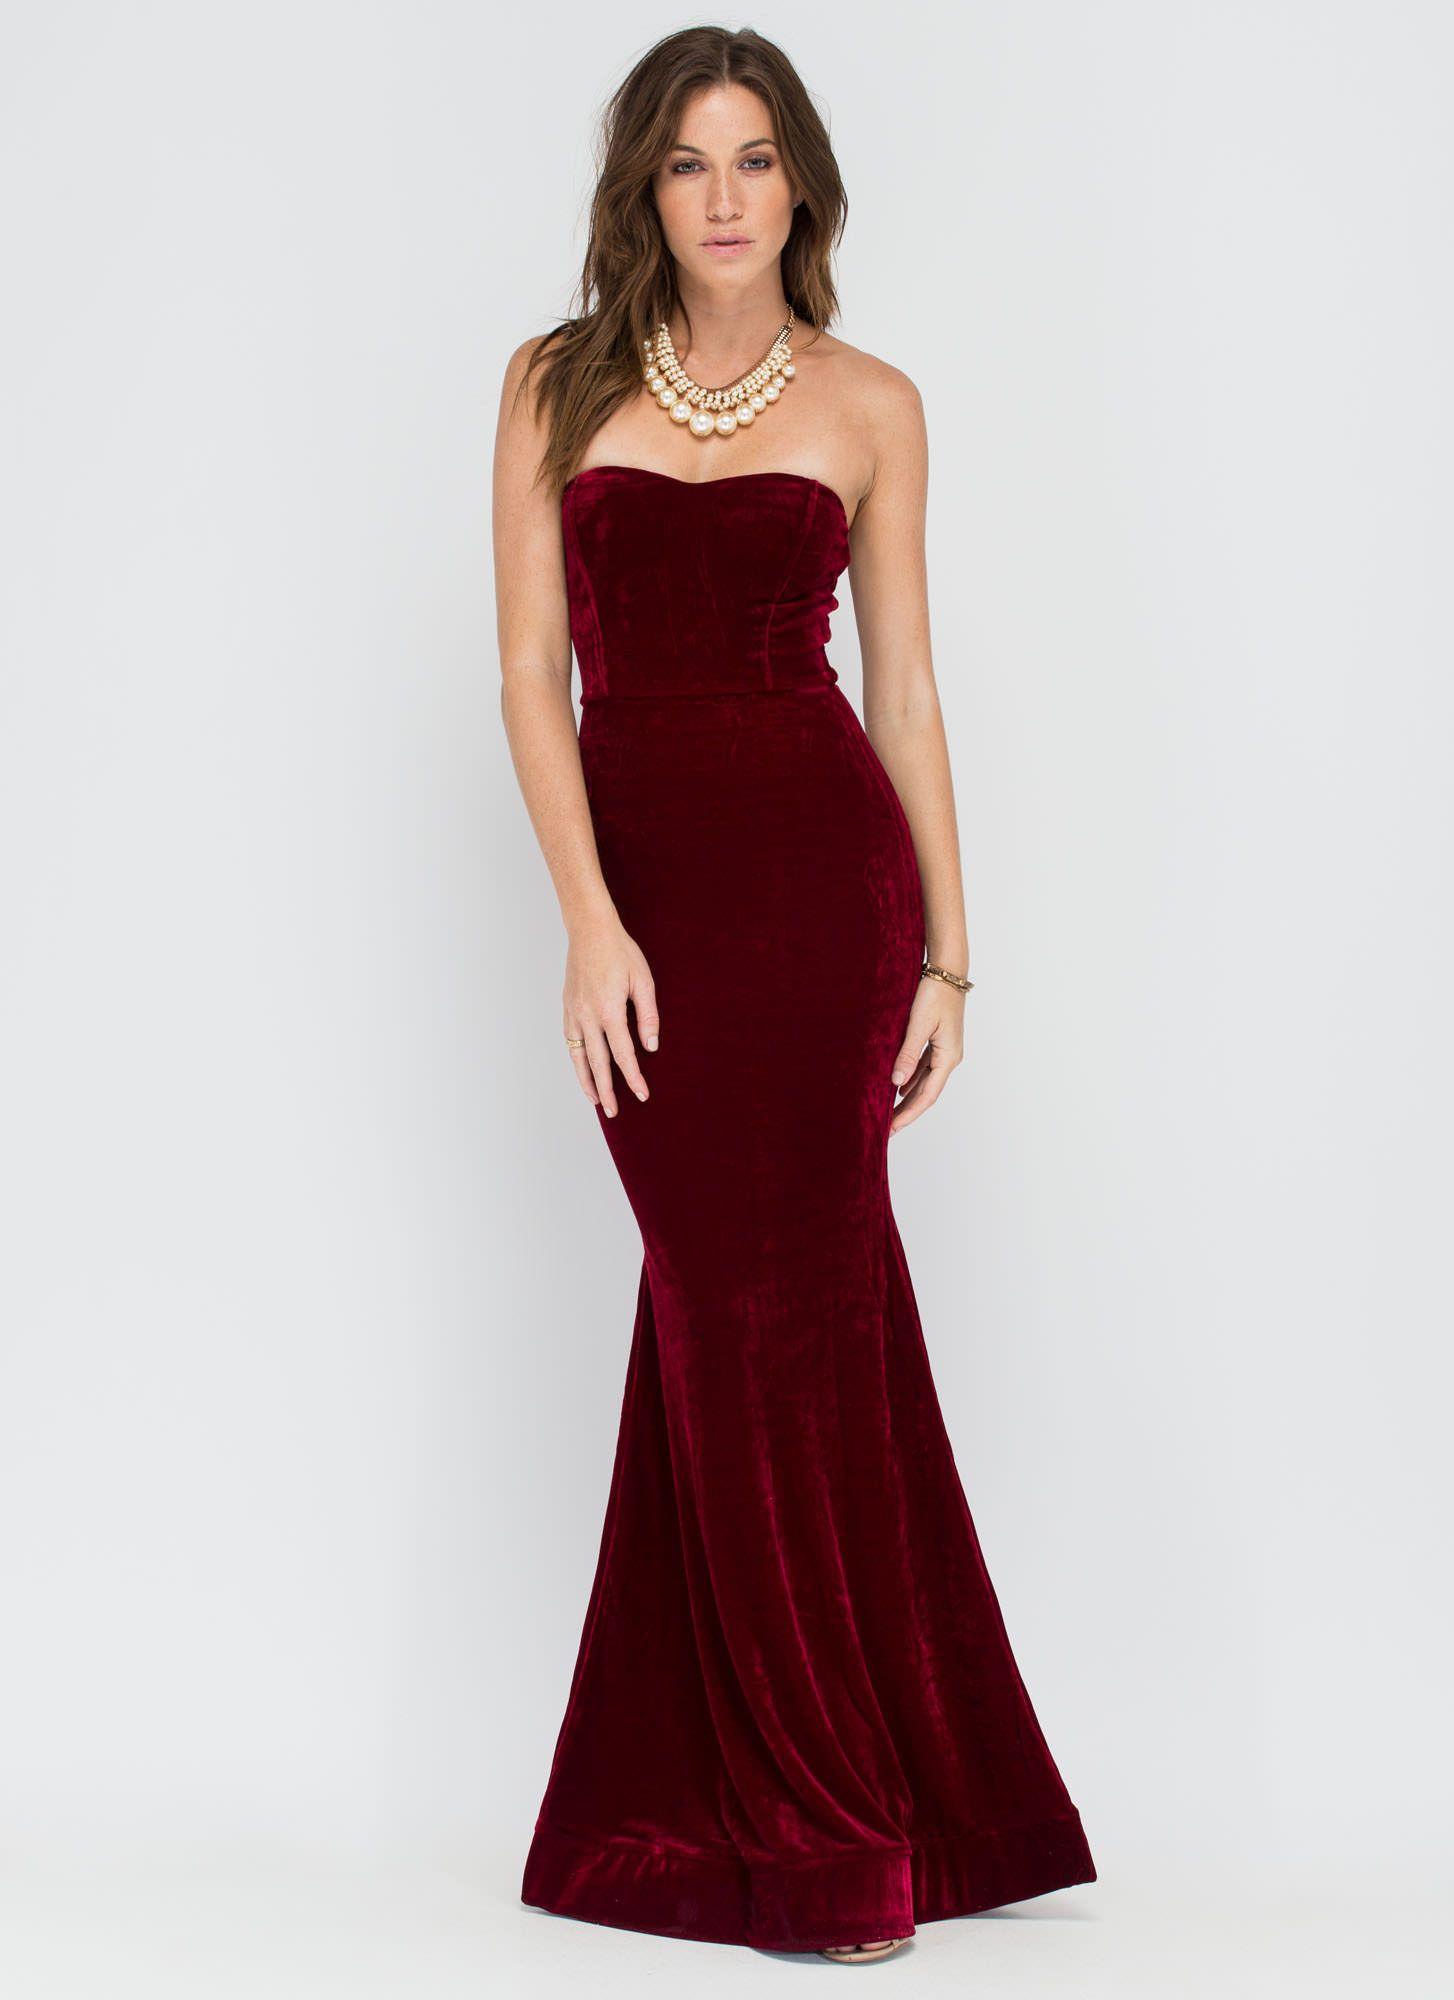 Velvet vixen strapless mermaid maxi navy wine gojane dresses